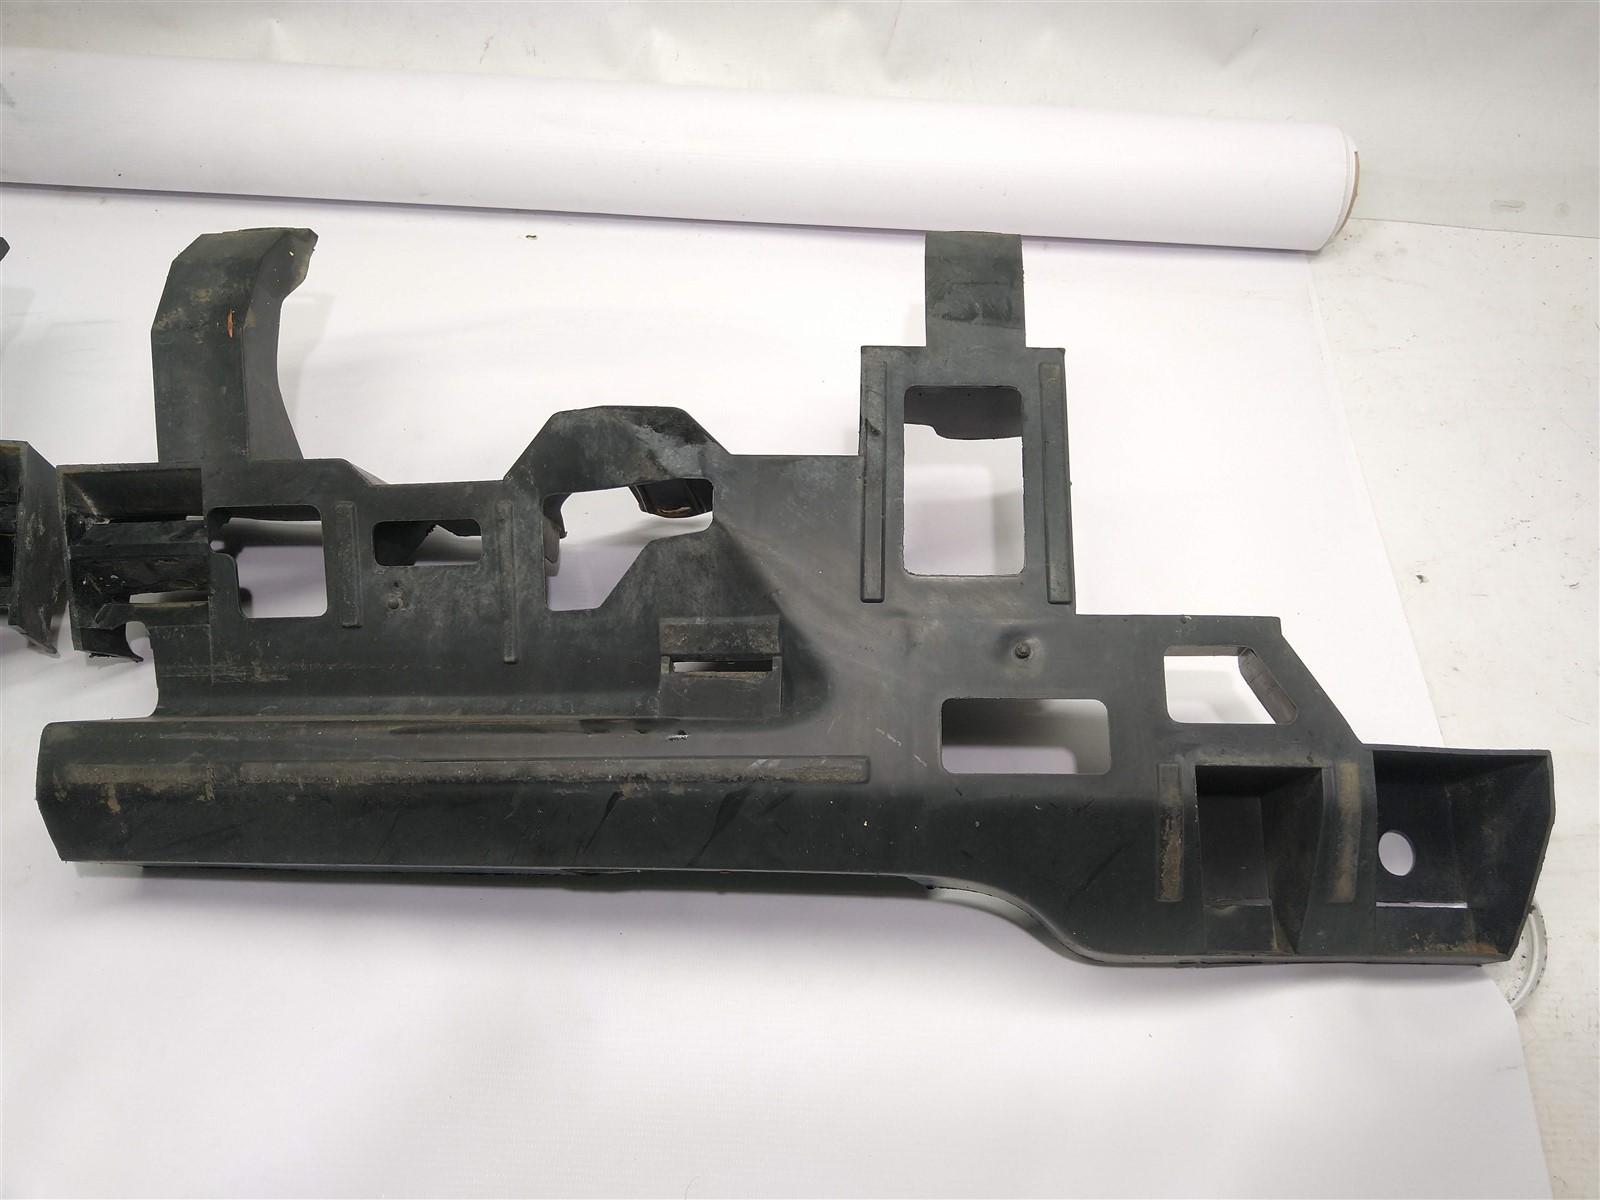 Par alma suporte parachoque traseiro Clio hatch 1999-2012 original